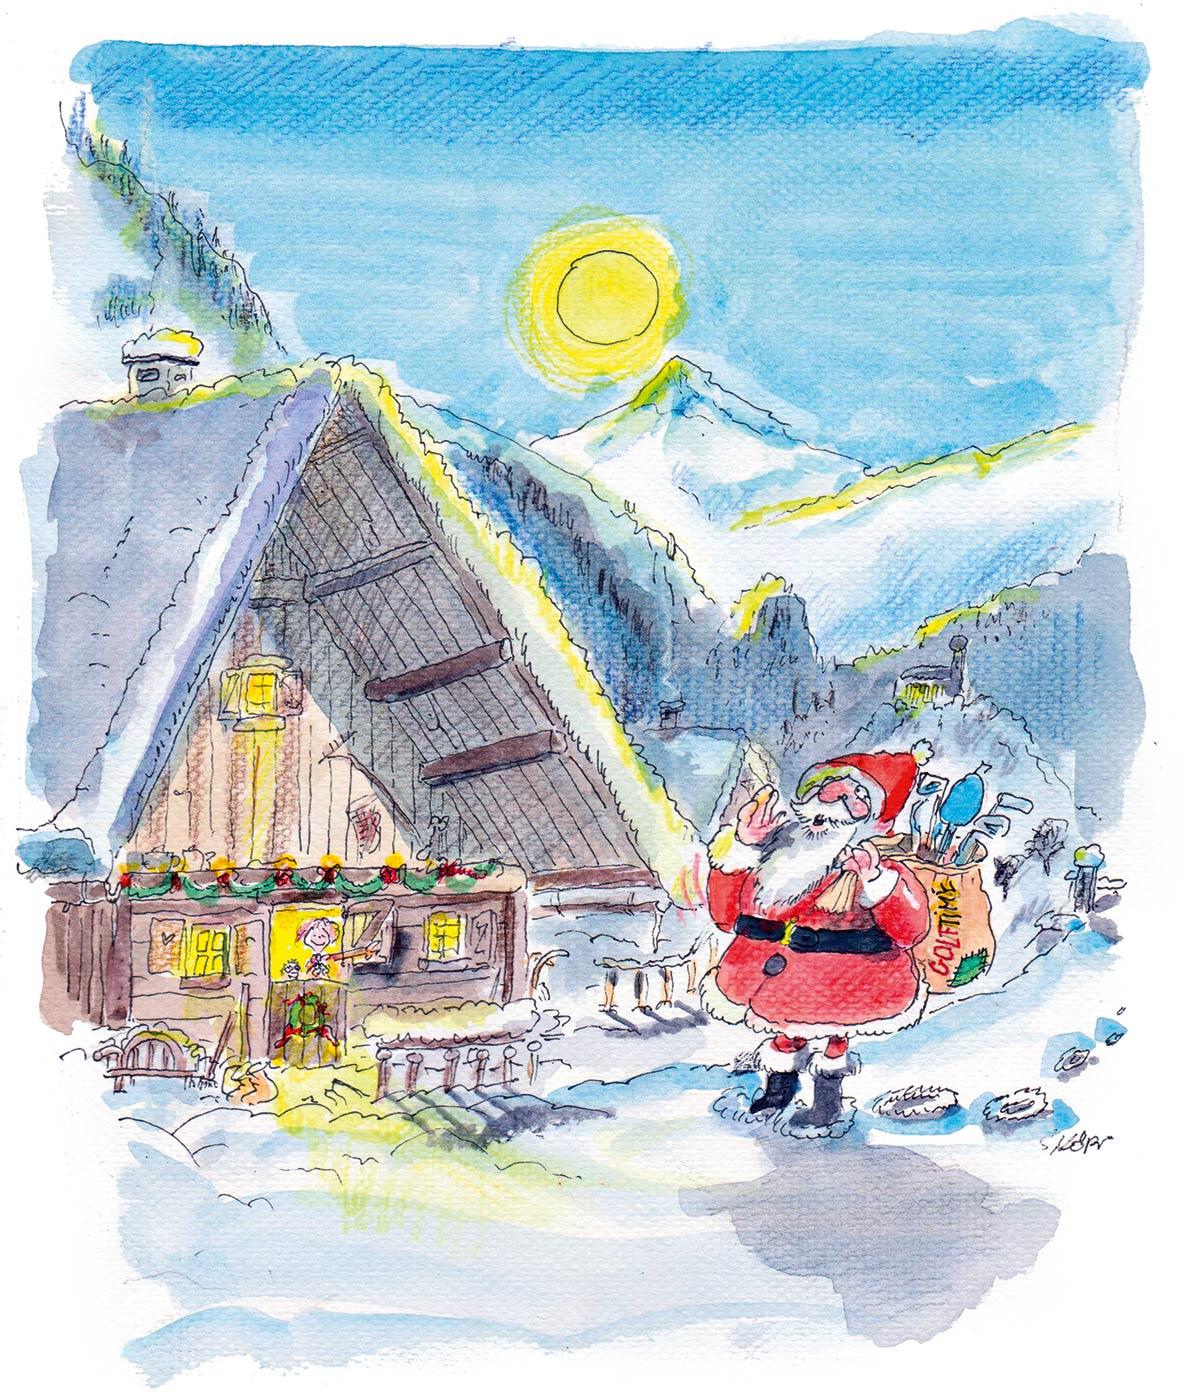 Das gesamte GOLF TIME Team wünscht Ihnen frohe Feiertage und einen guten Rutsch!